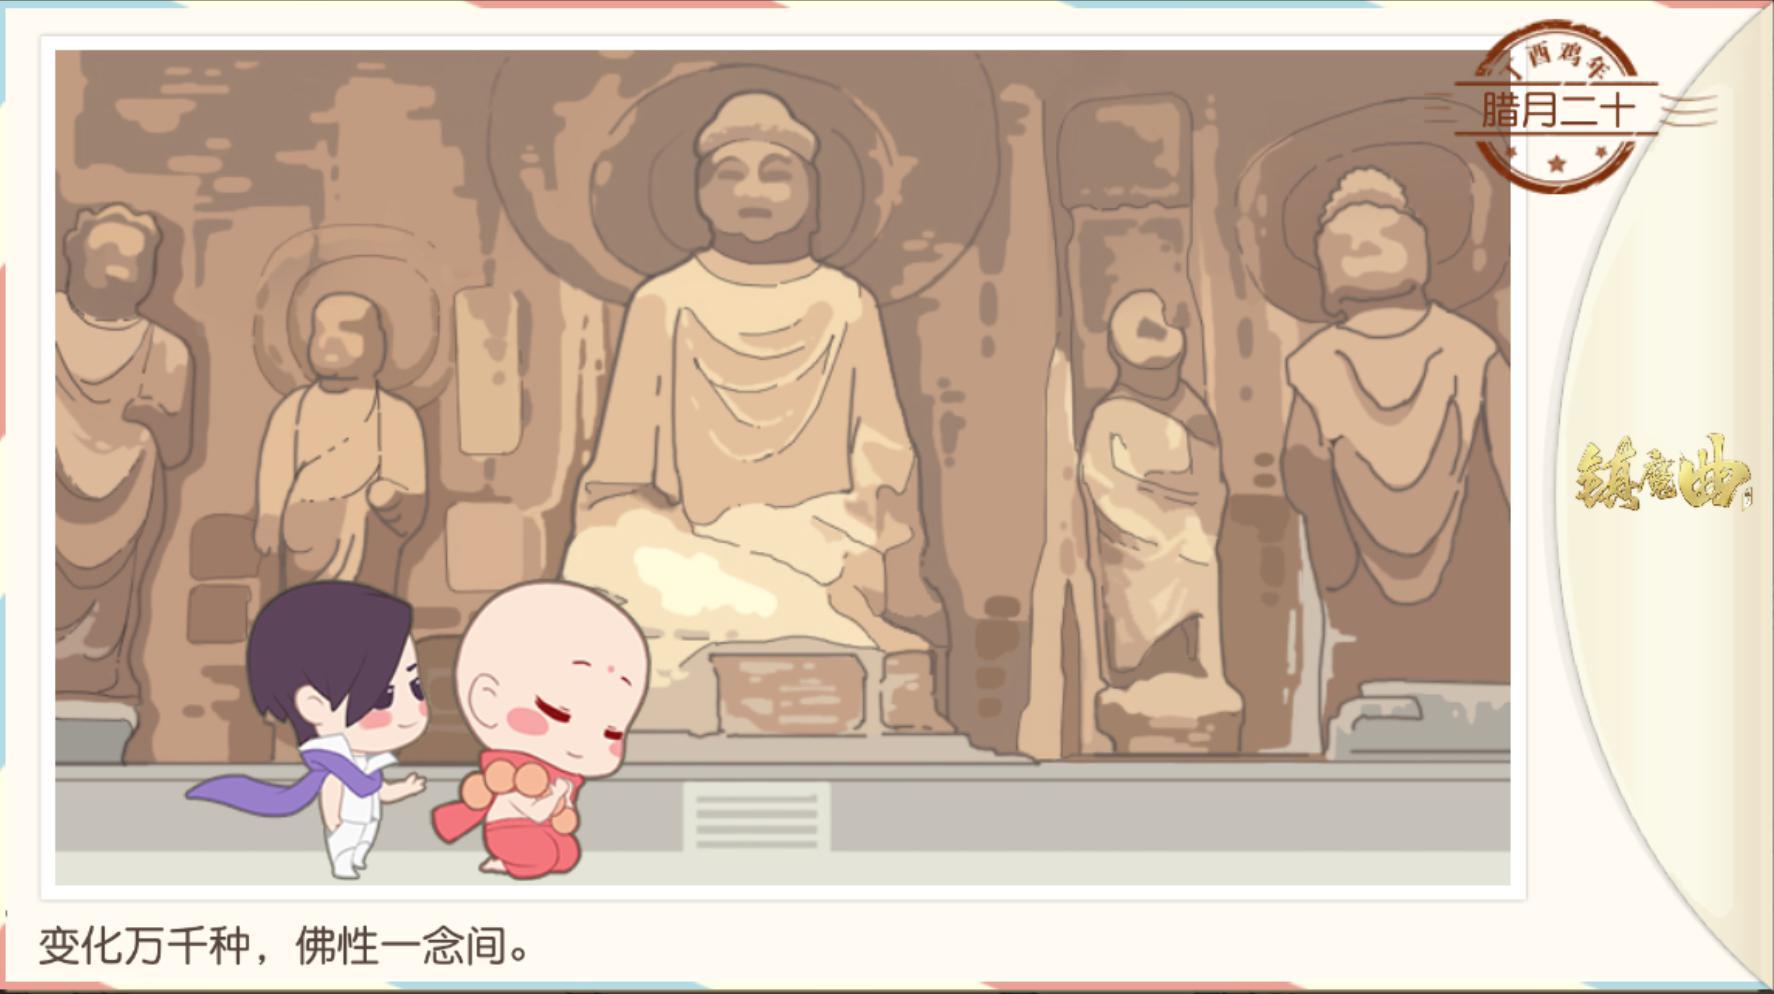 春节长假爽歪歪 旅行娃娃走遍千山万水游记曝光![多图]图片5